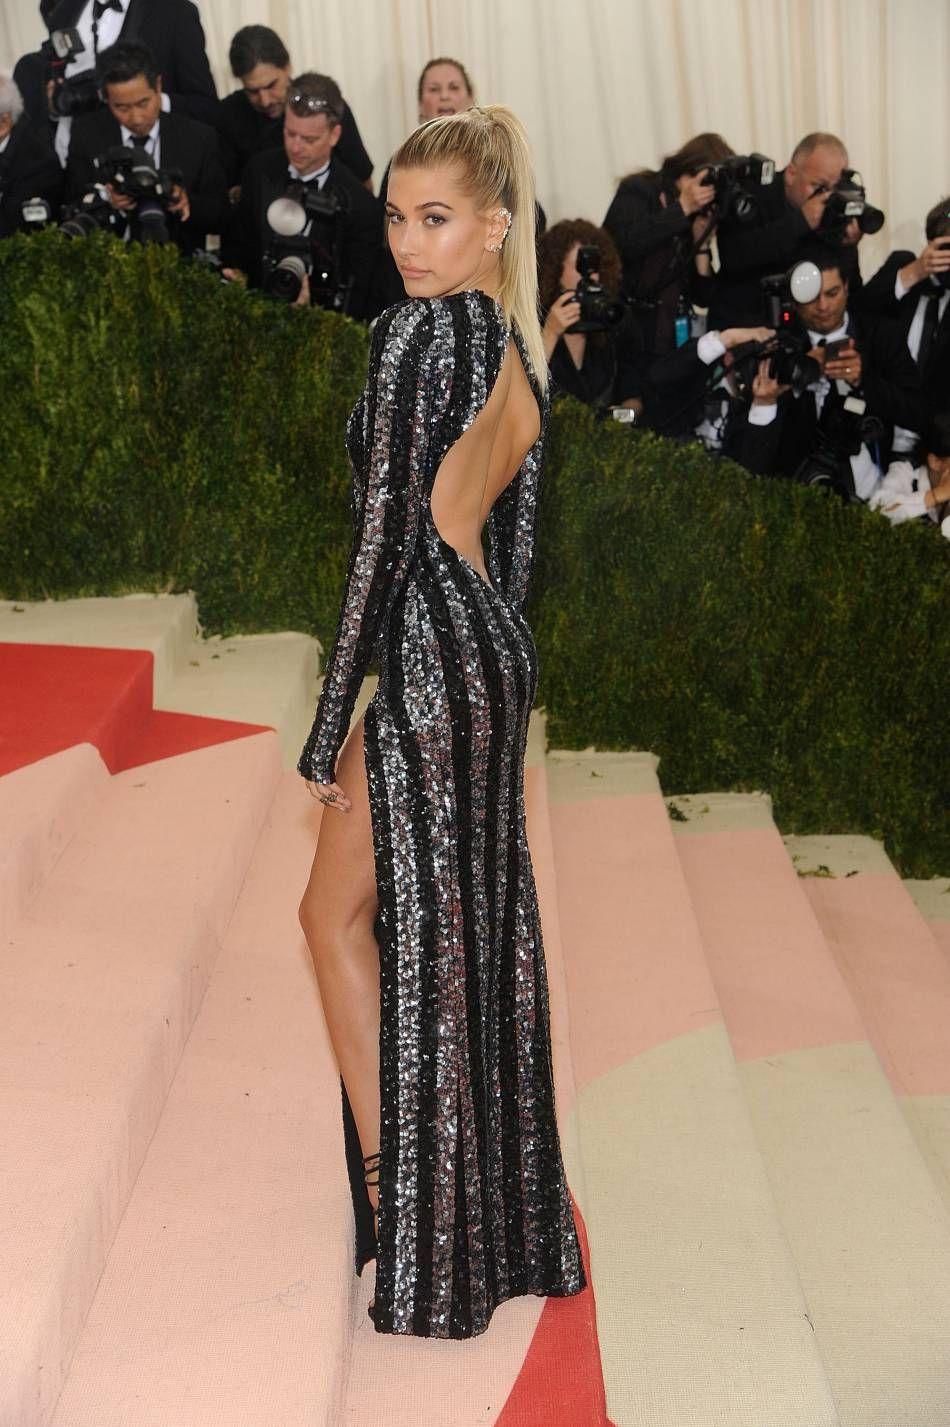 PHOTOS - En robe brillante Tommy Hilfiger, Hailey Baldwin est ...